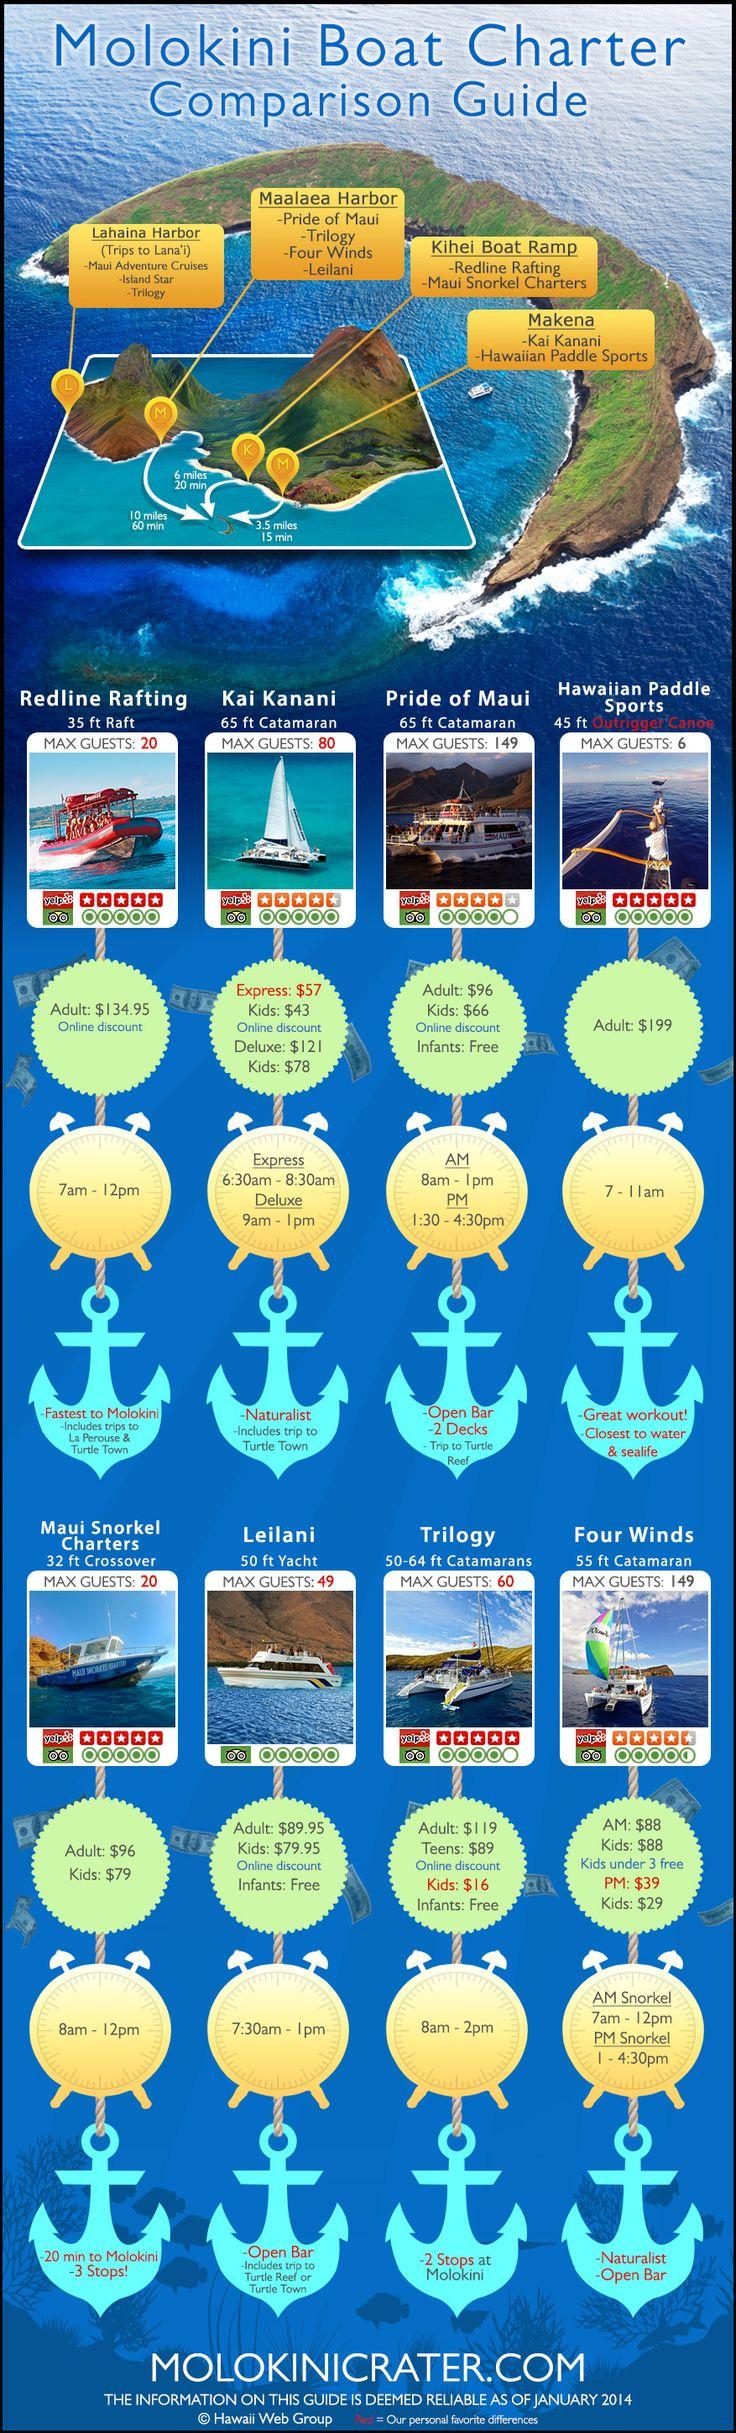 Molokini Boat Charter Comparison Infographic